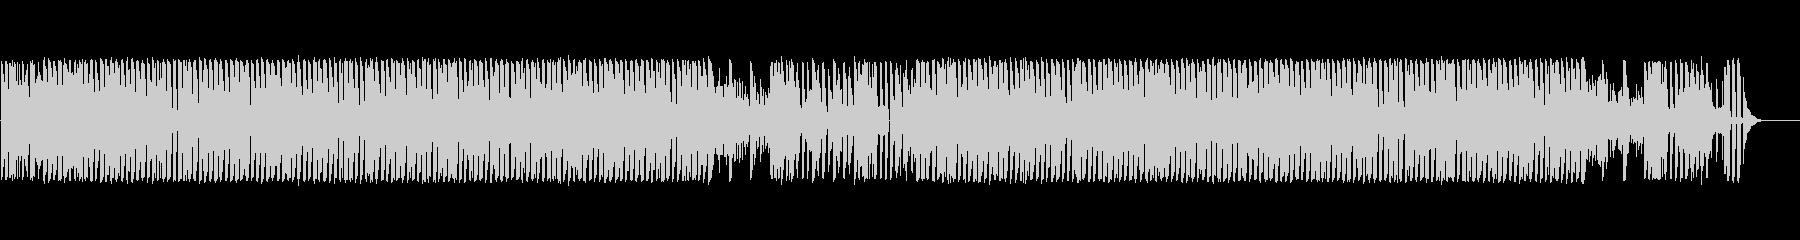 あたふた・パニック表現に最適なポップスの未再生の波形